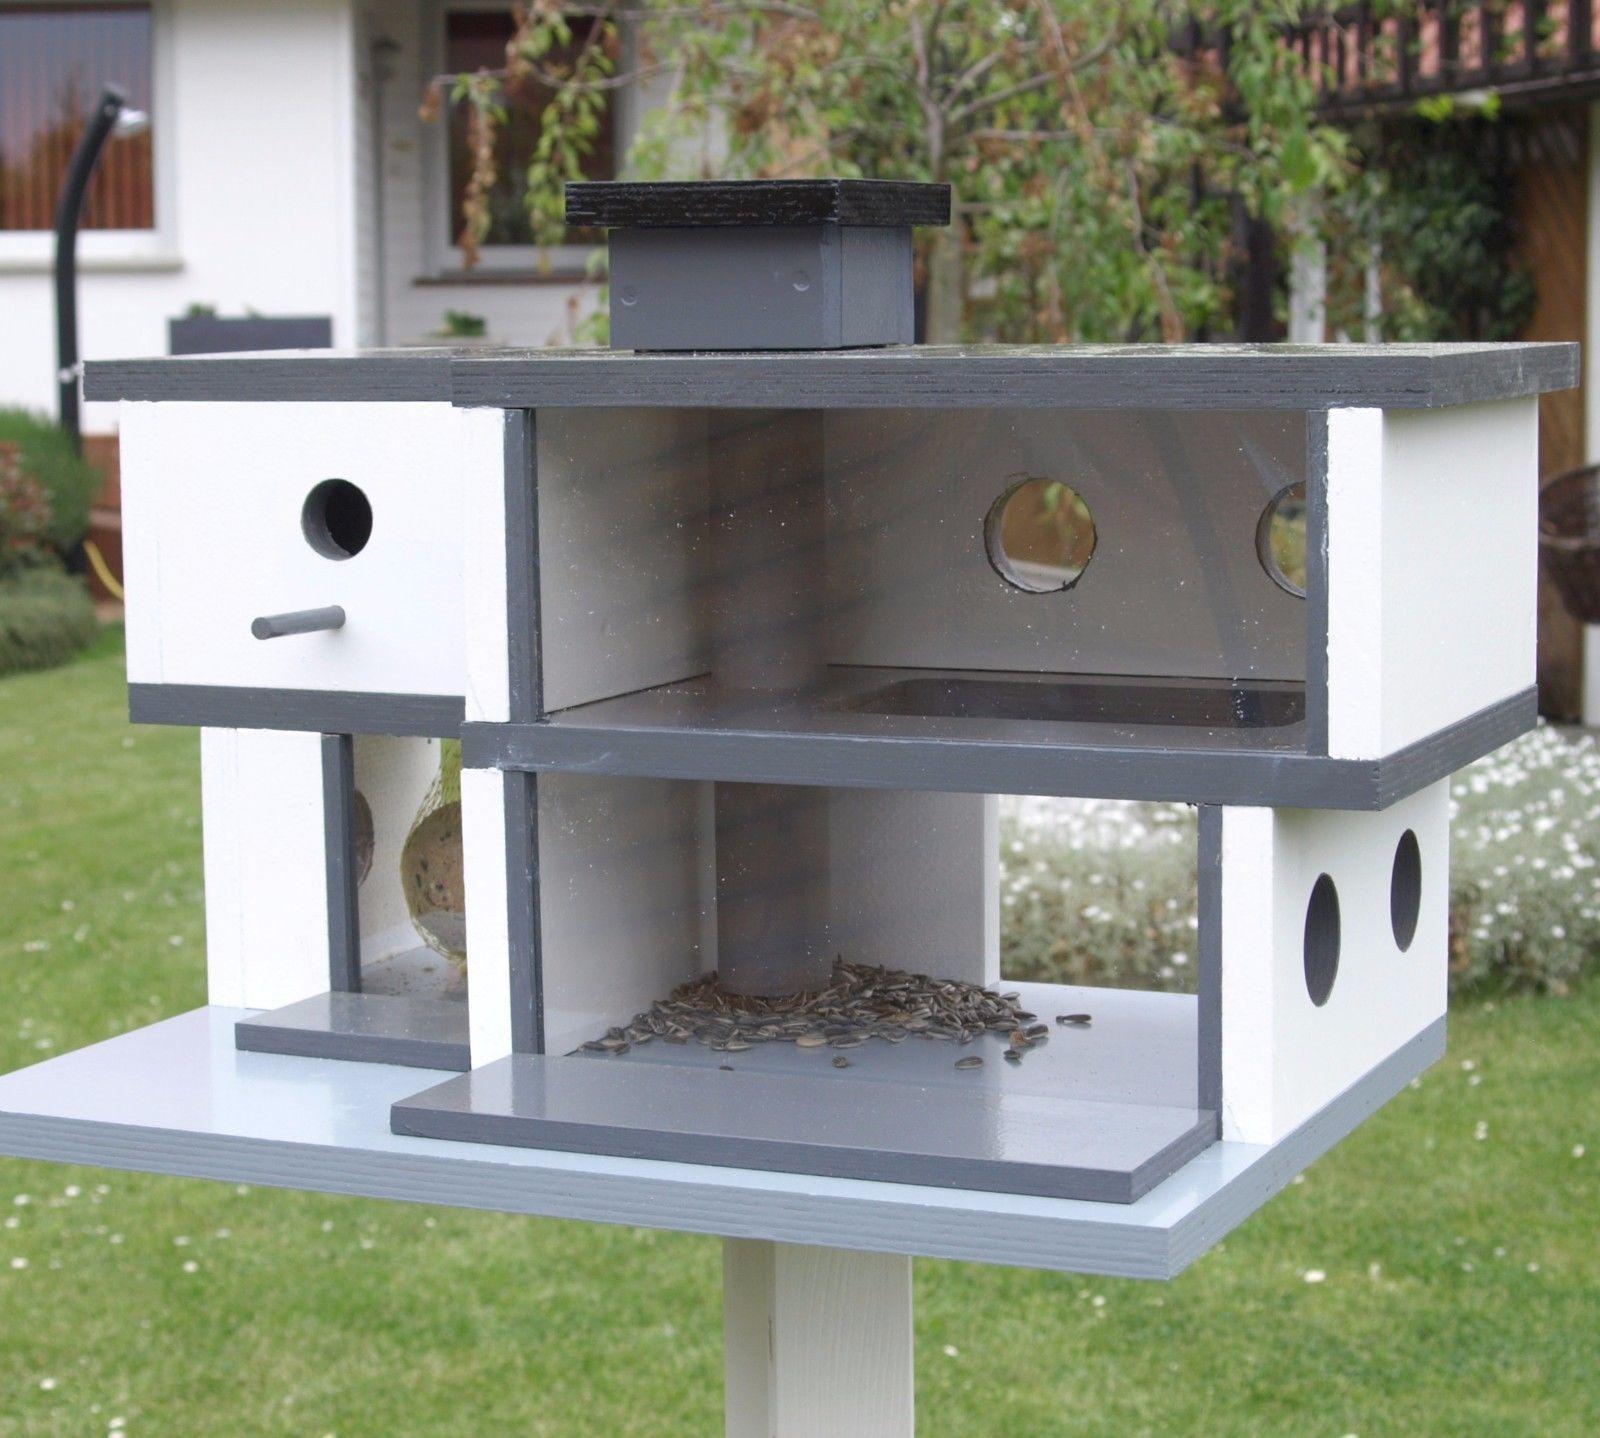 Vogelvilla Bauhaus Mit Meisenknodelzimmer Futterautomat Kamin Und Nistkasten In Garten Terrasse Dekoration Vogel Vogelvilla Vogelhaus Moderne Vogelhauser